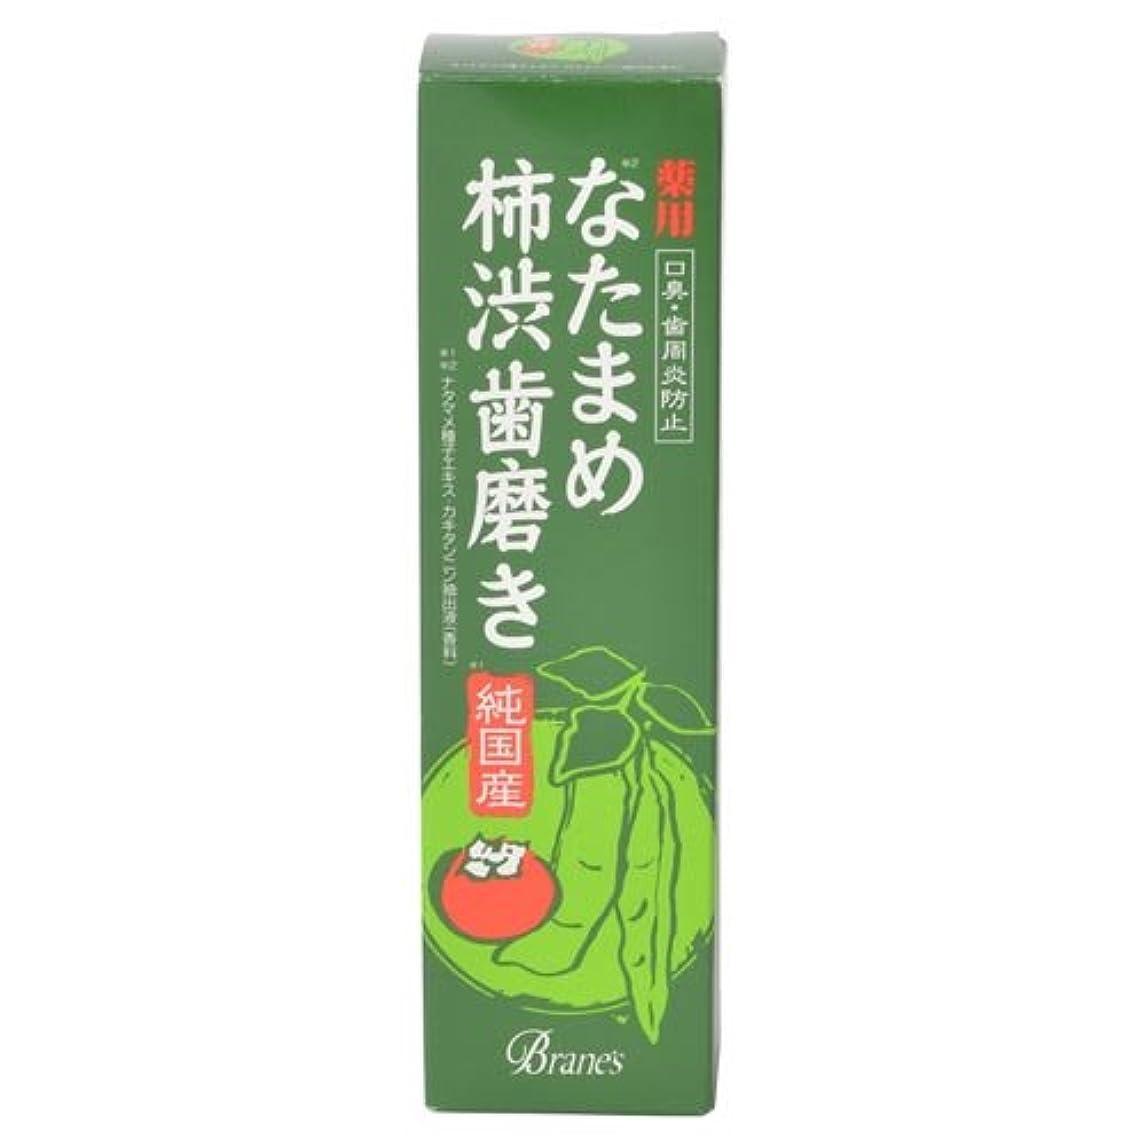 寸法カメ現在薬用なたまめ柿渋歯磨き 120g